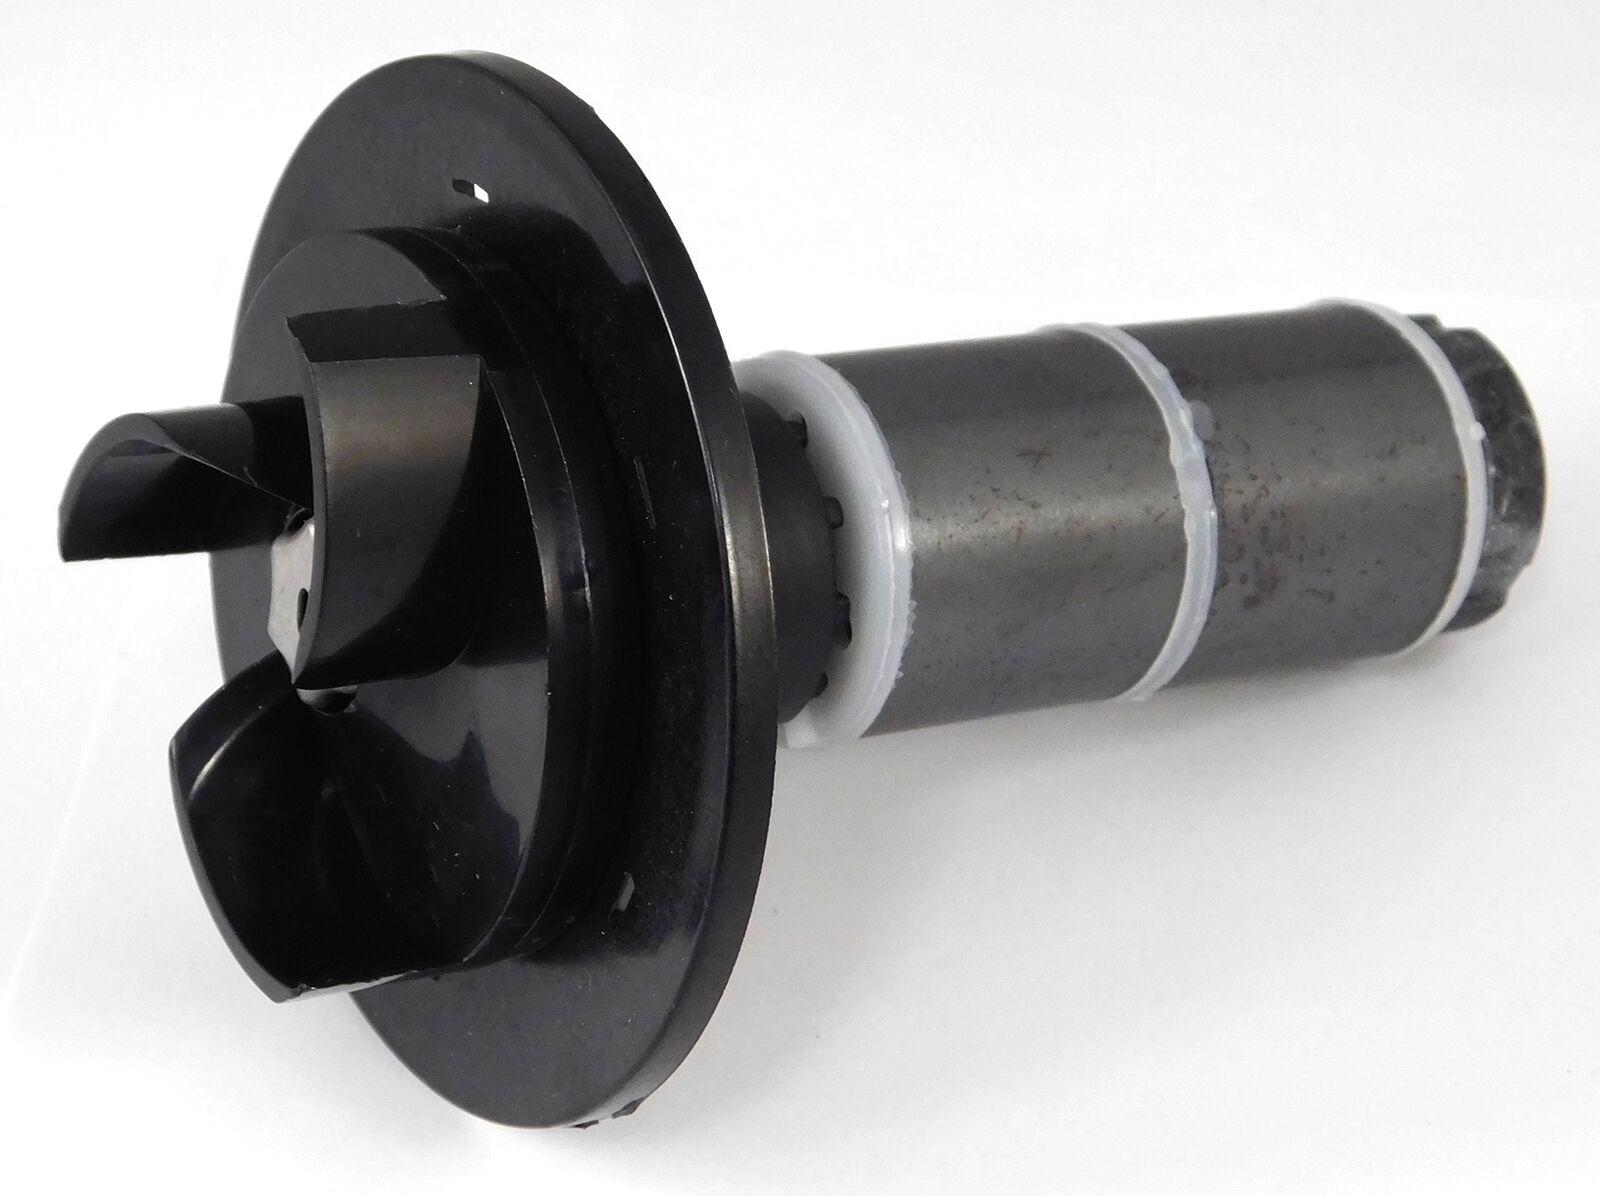 Oase Aquamax Eco Premium impulsor rojoor para 4000 - 8000 17964 Repuesto Original Estanque